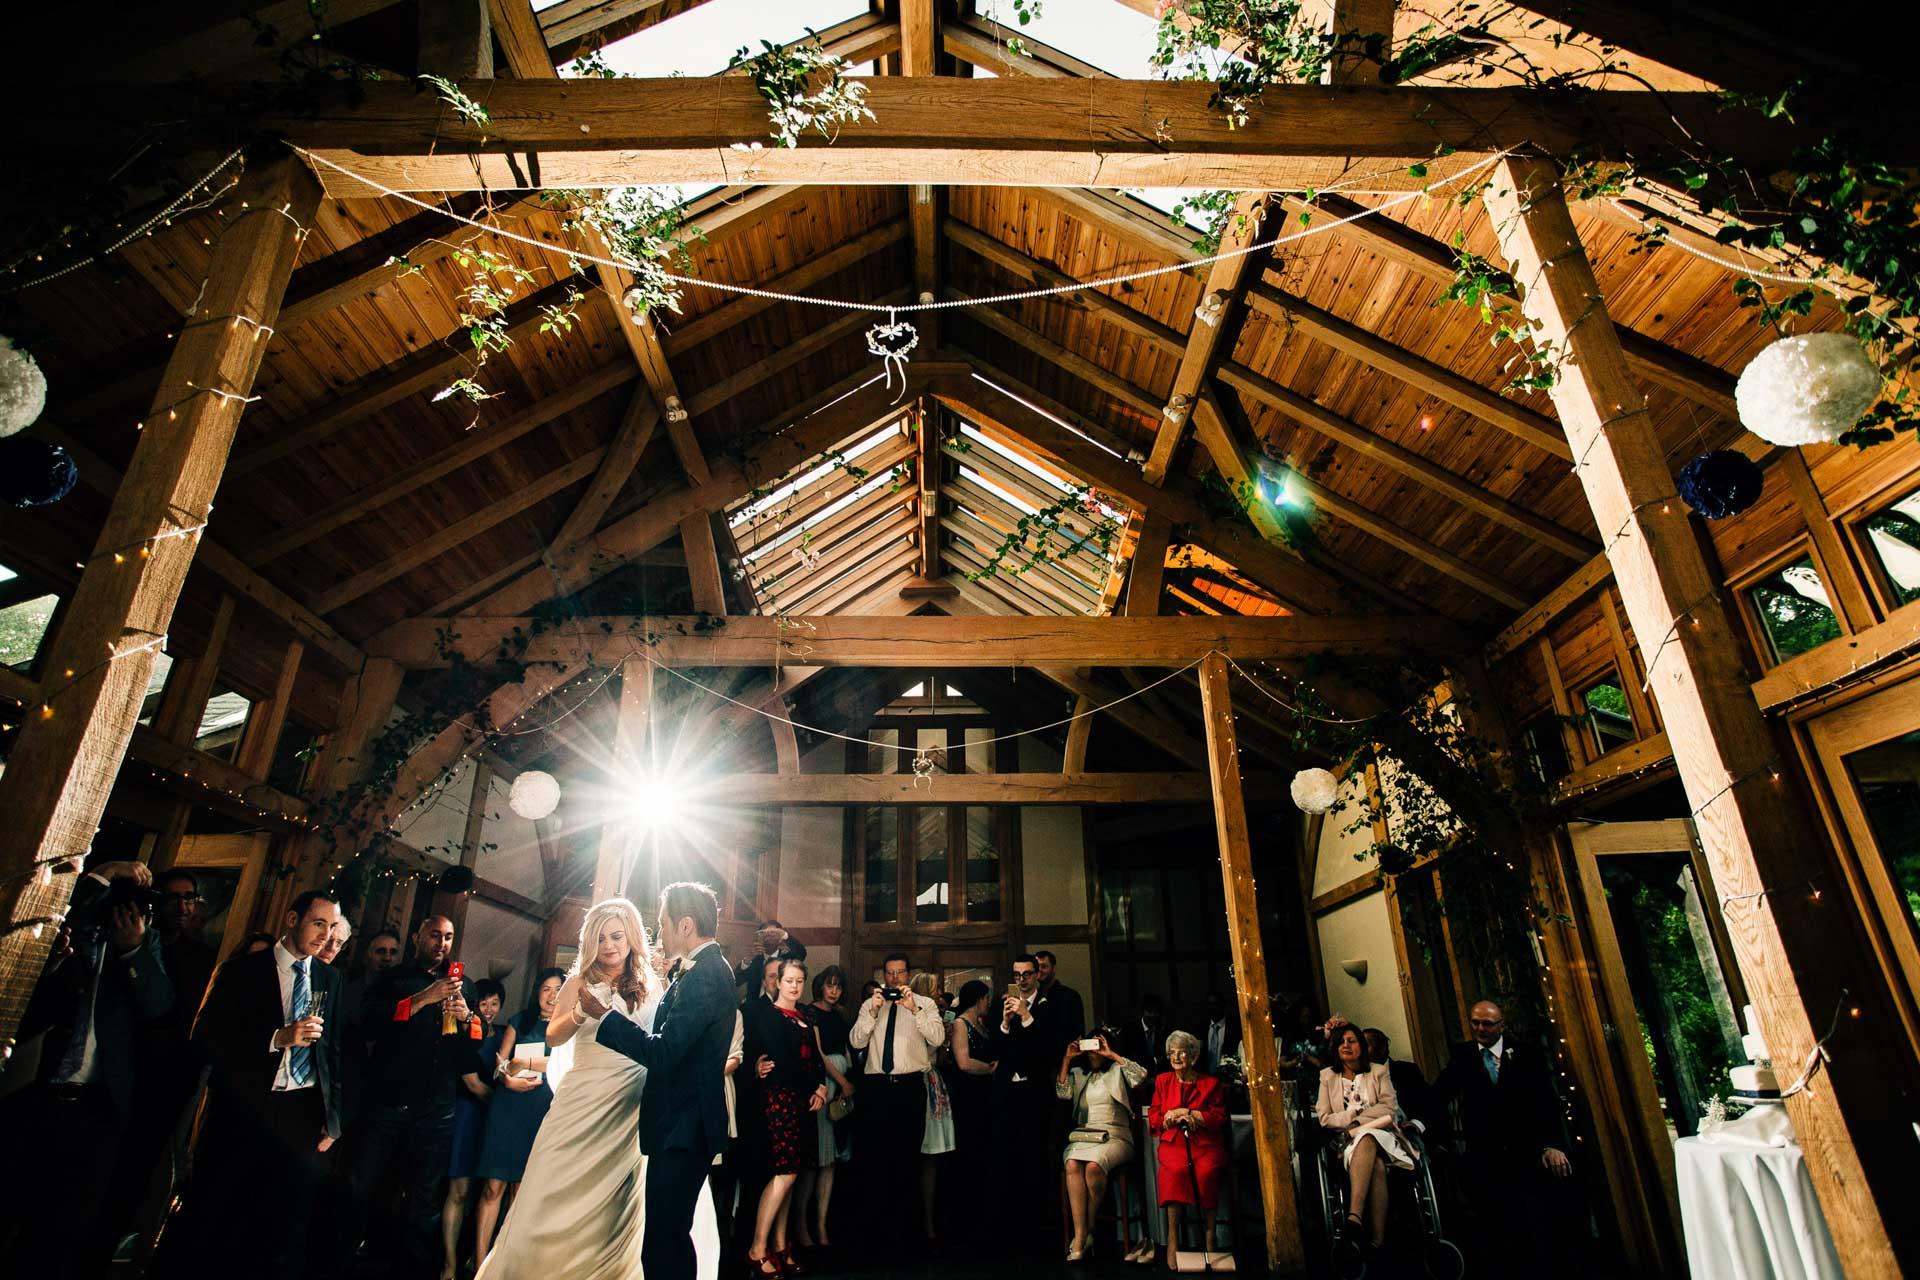 Best wedding photography equipment 1 fairclough photography for Wedding photography equipment